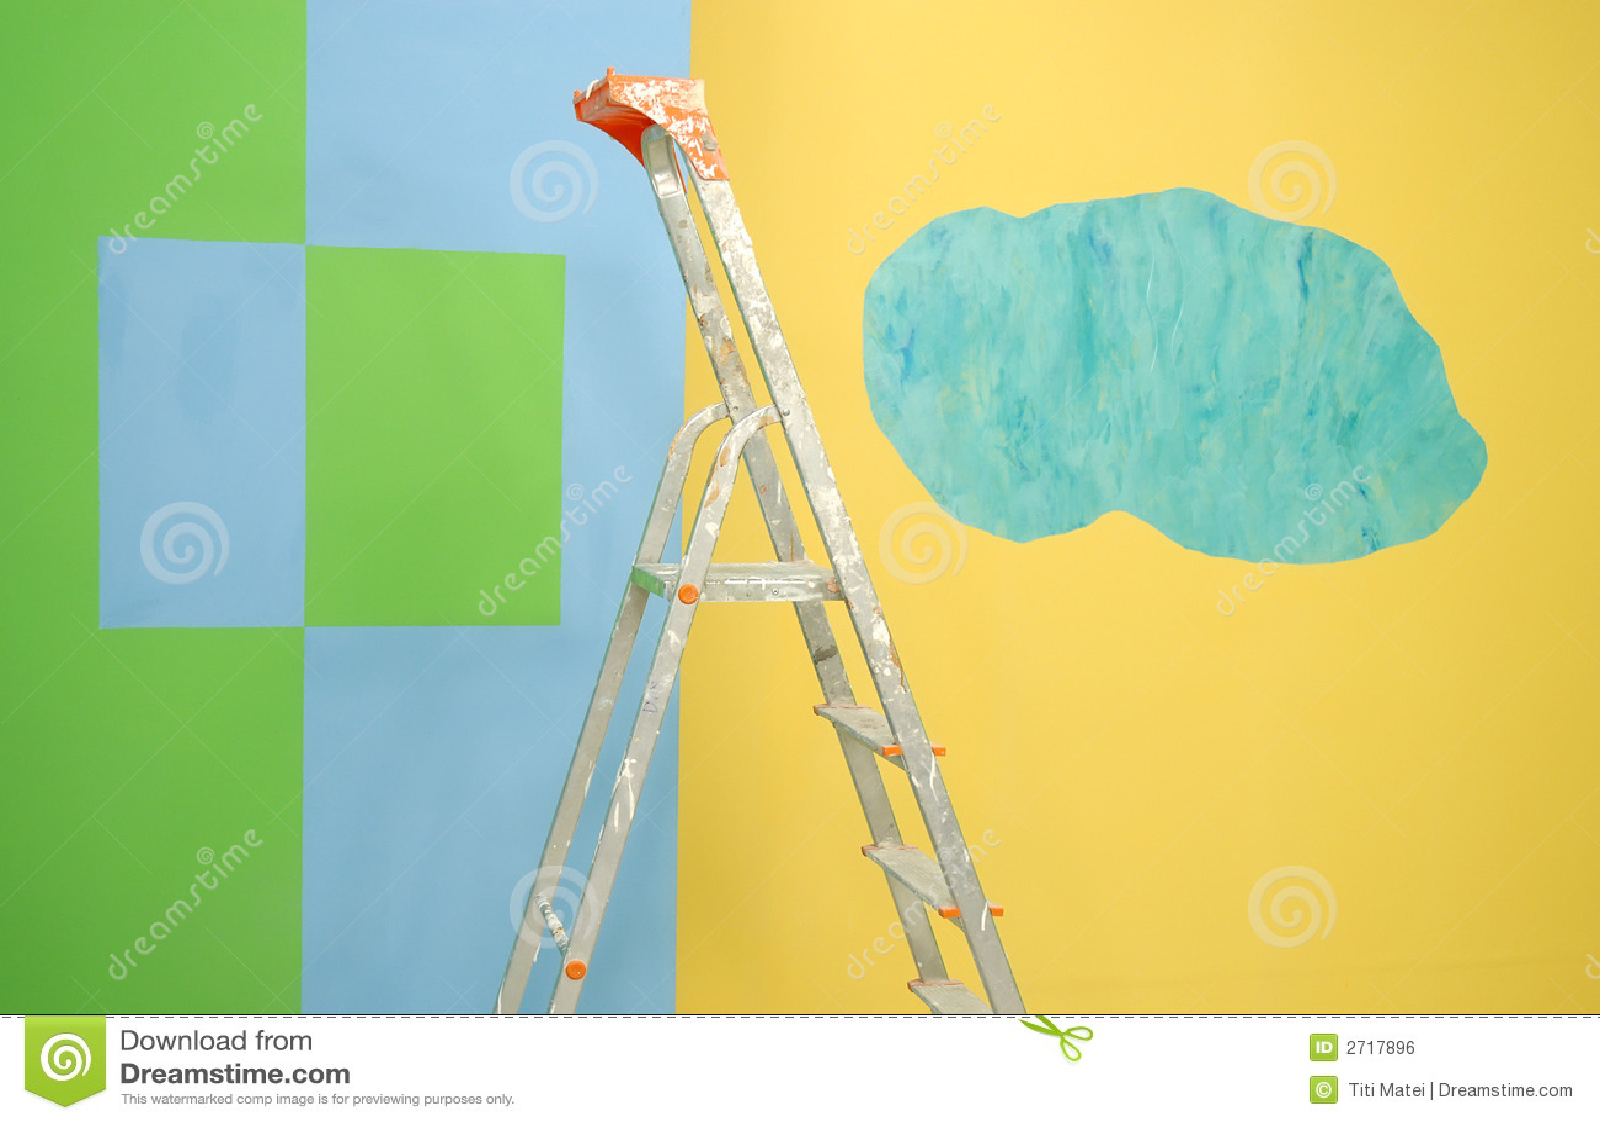 Escala por las paredes pintadas imagen de archivo libre de for Fotos paredes pintadas